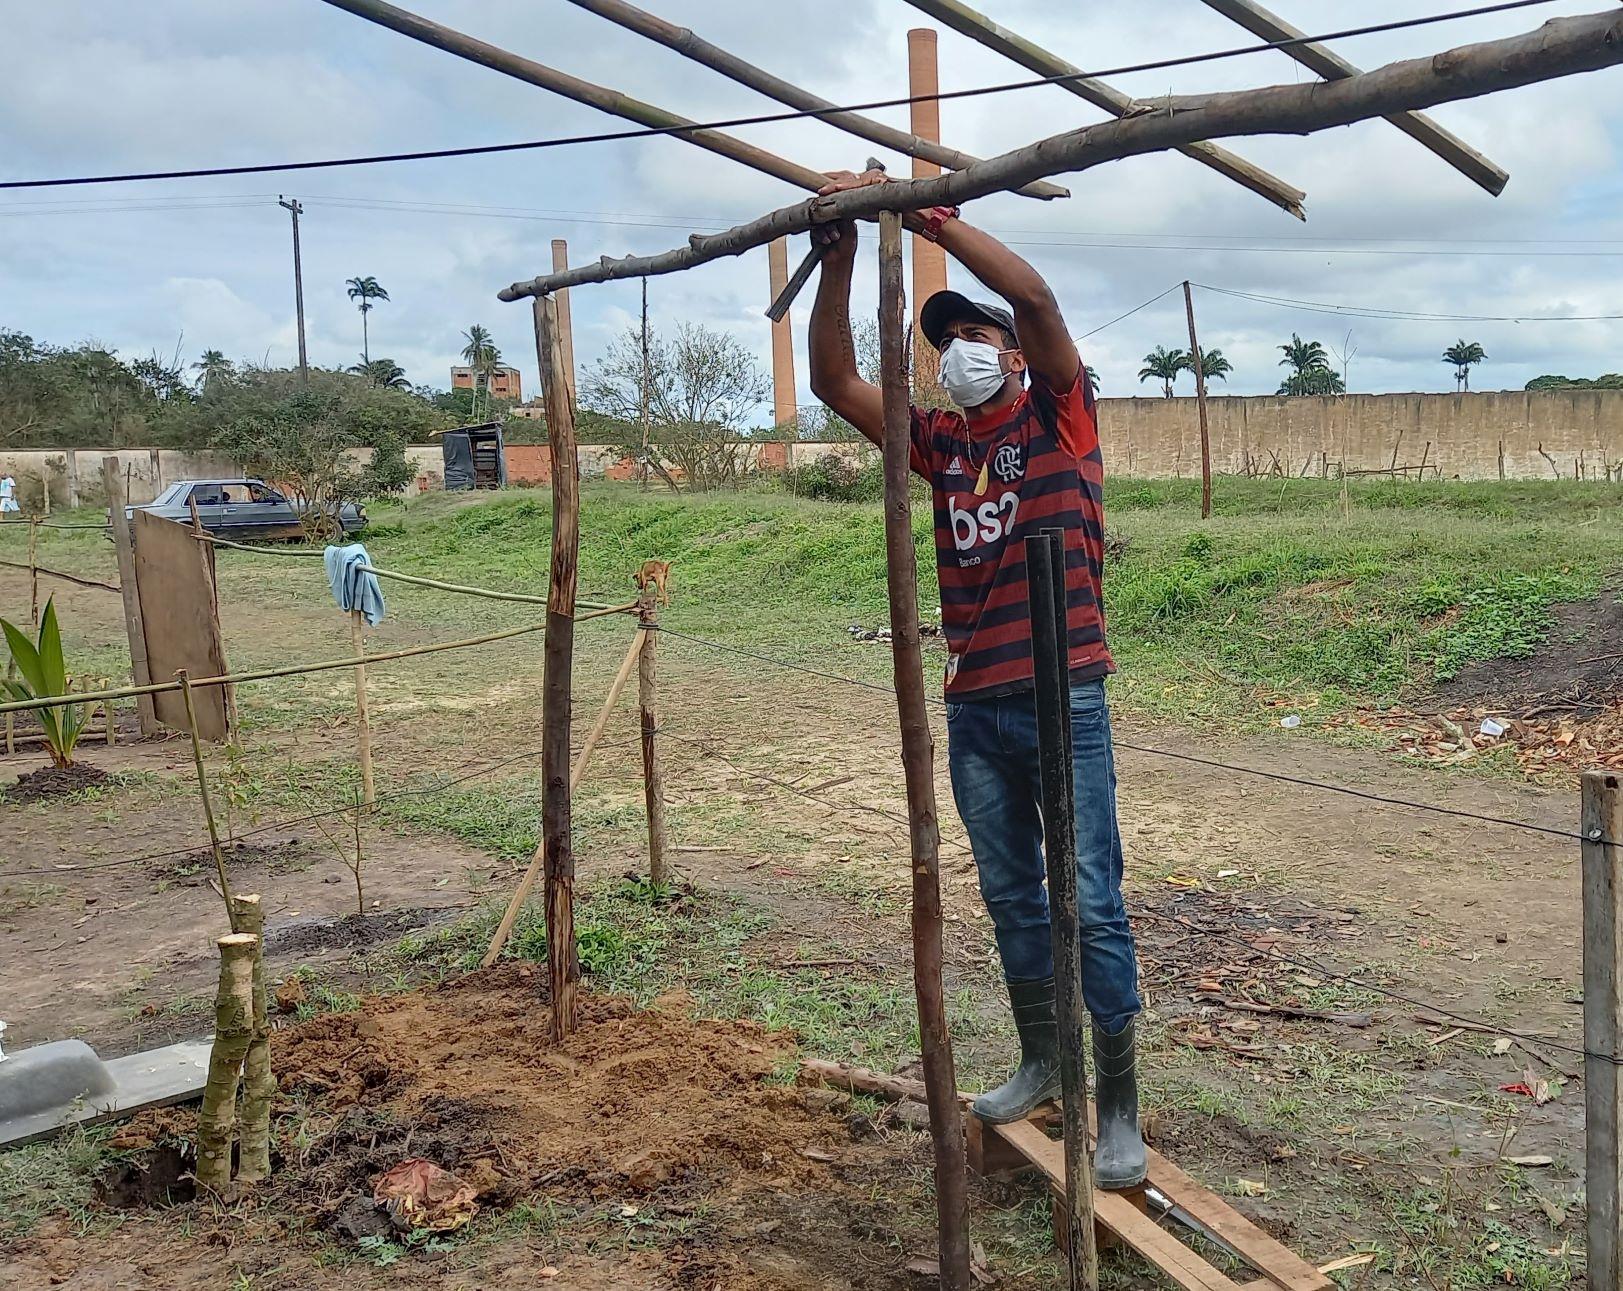 Renato Sebastião no Acampamento Cícero Guedes: produção de alimentos sem agrotóxicos (Foto: Vivi Fernandes de Lima)